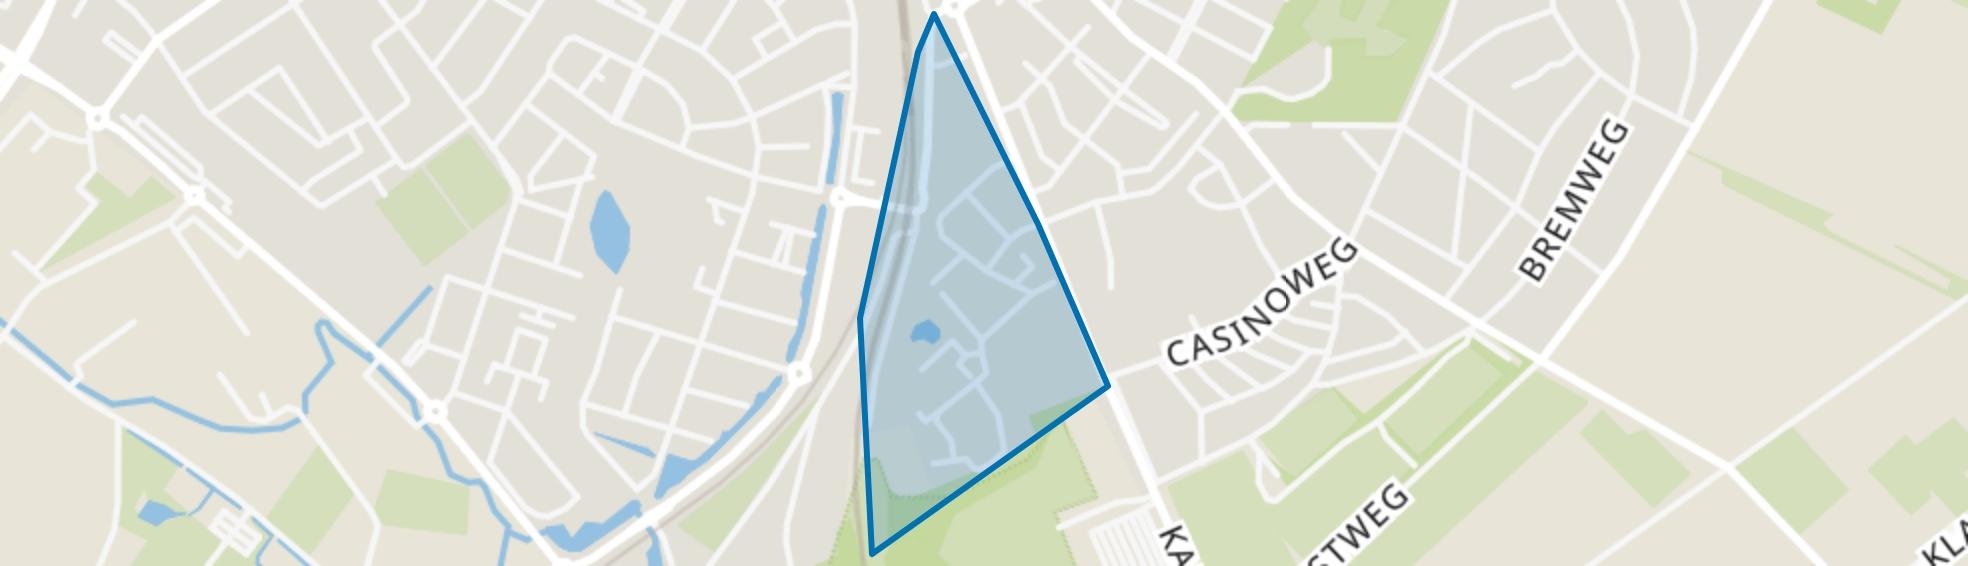 Vierpaardjes, Venlo map